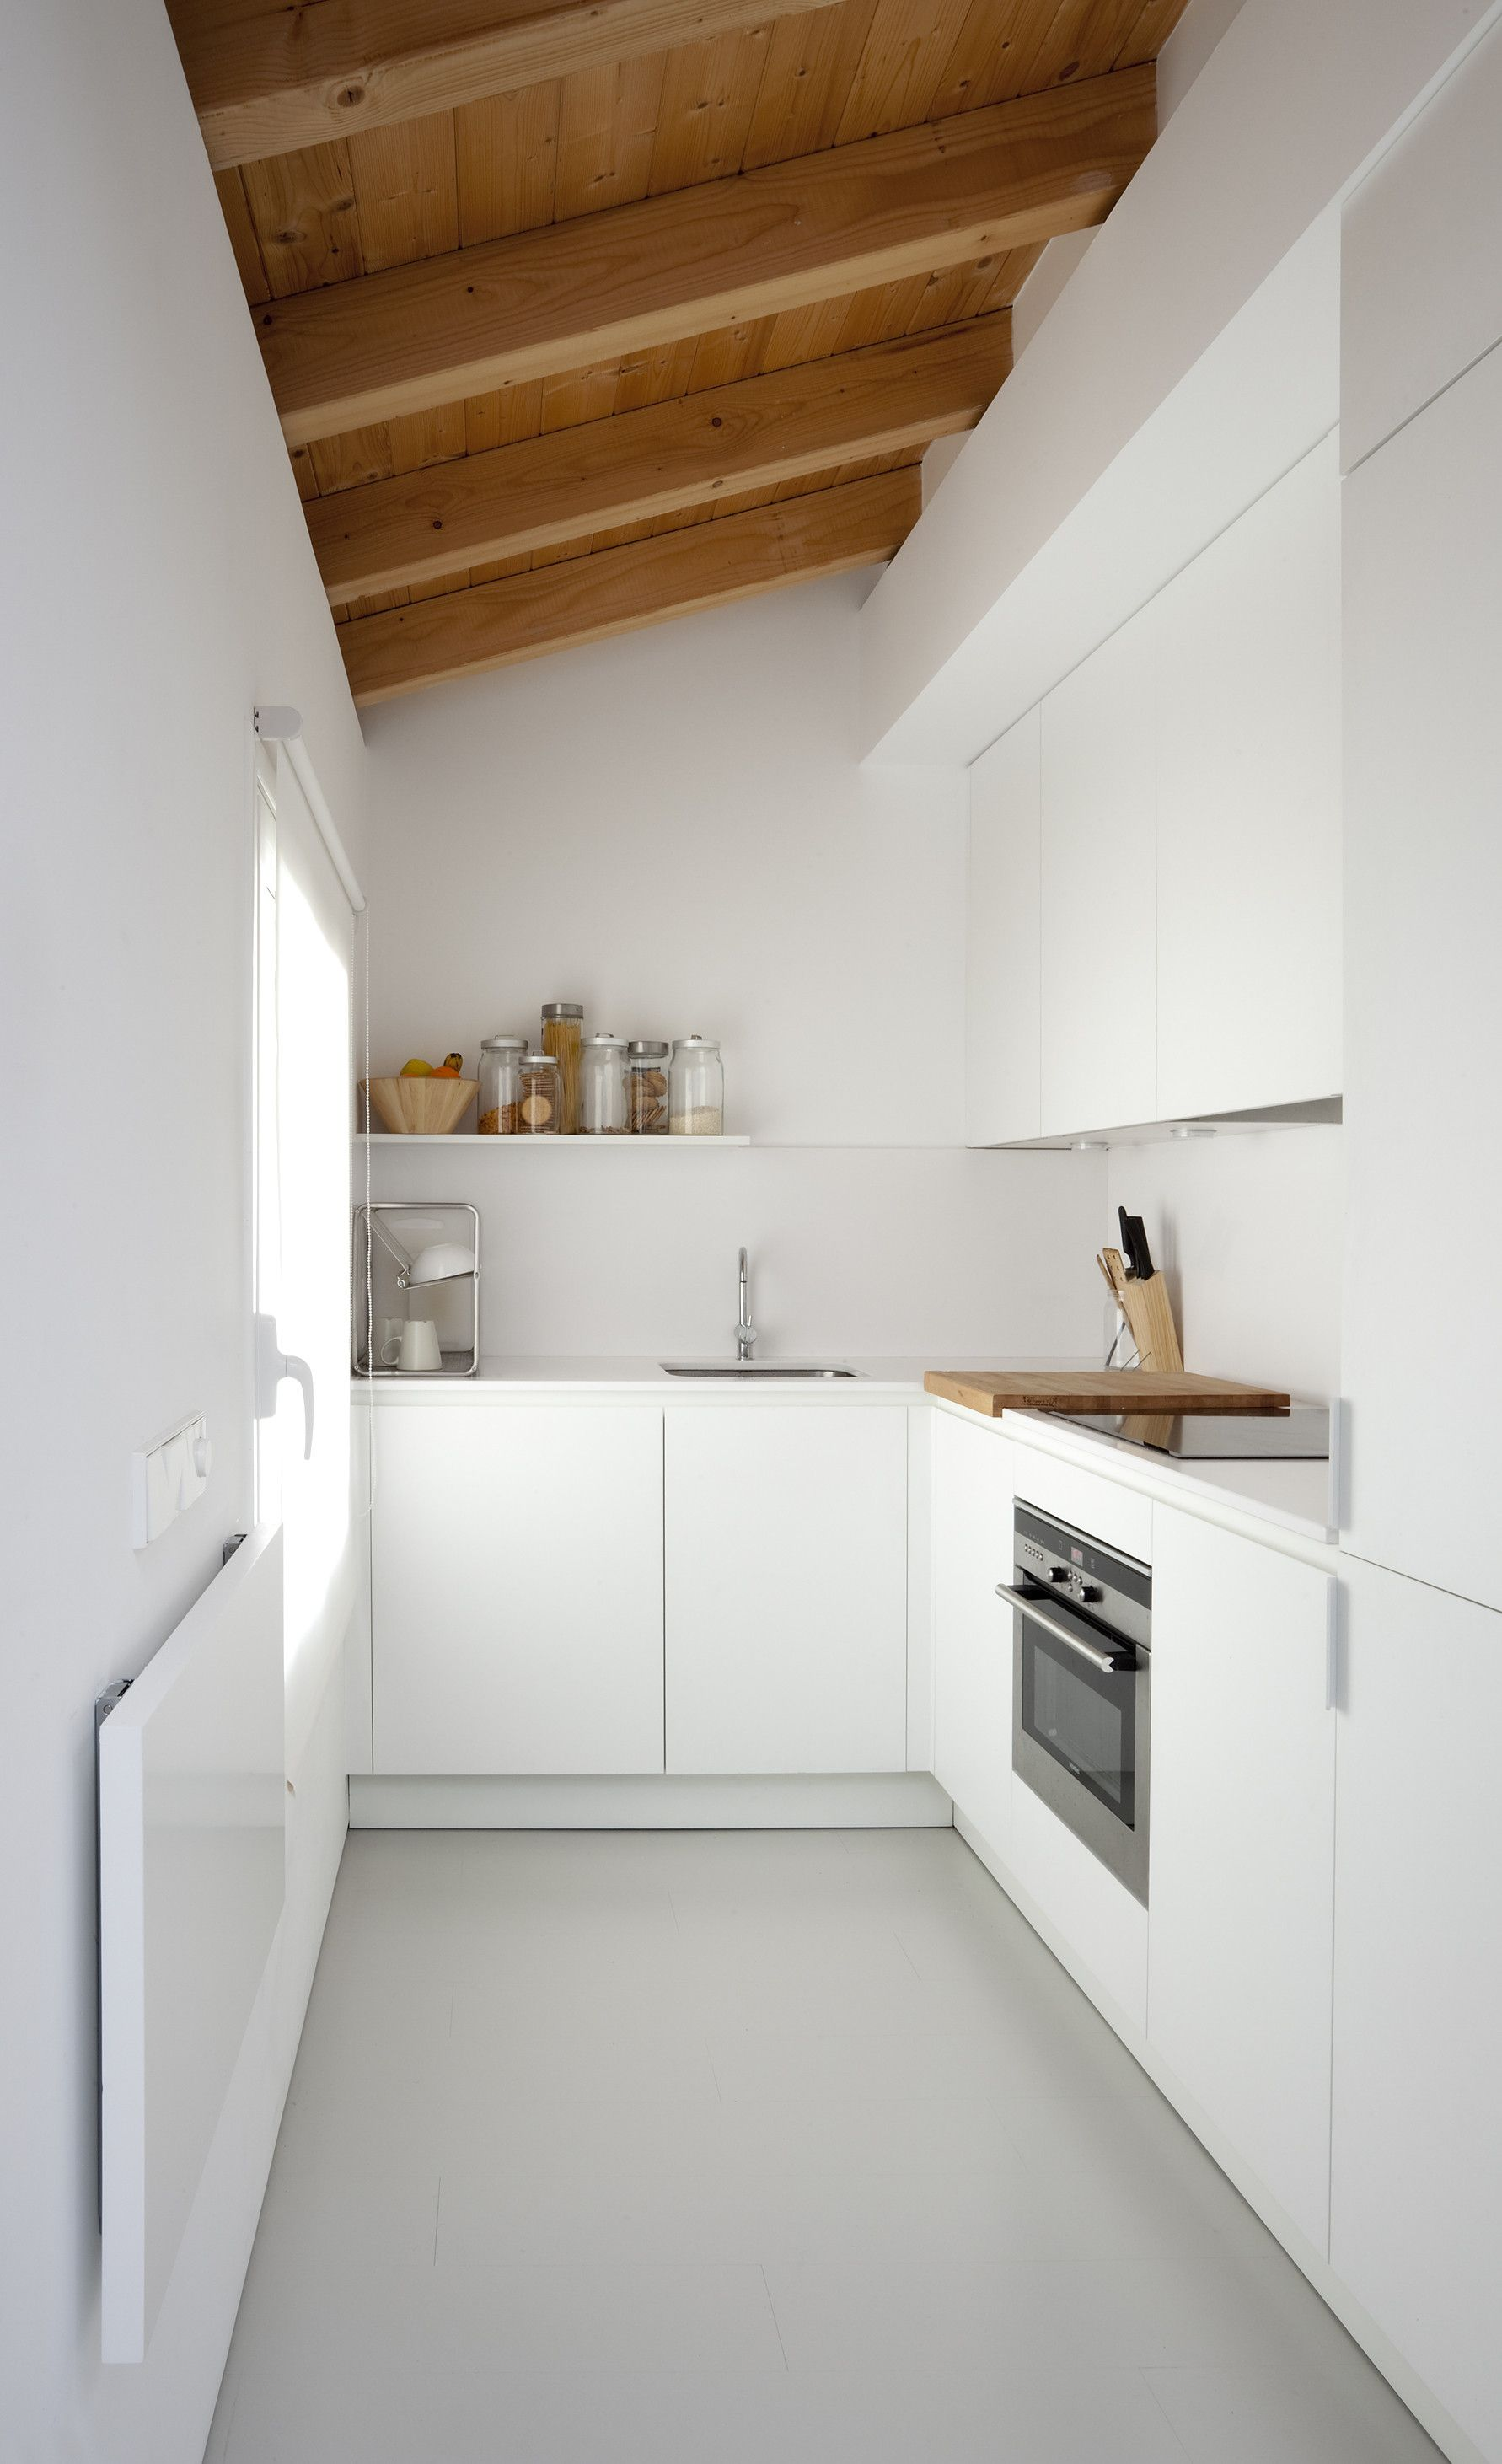 Http://www.mansarda.it/mansarde/vivere E Lavorare 40 Metri Quadrati/ PH:  Http://pura Arquitectura.com/?pu003d3